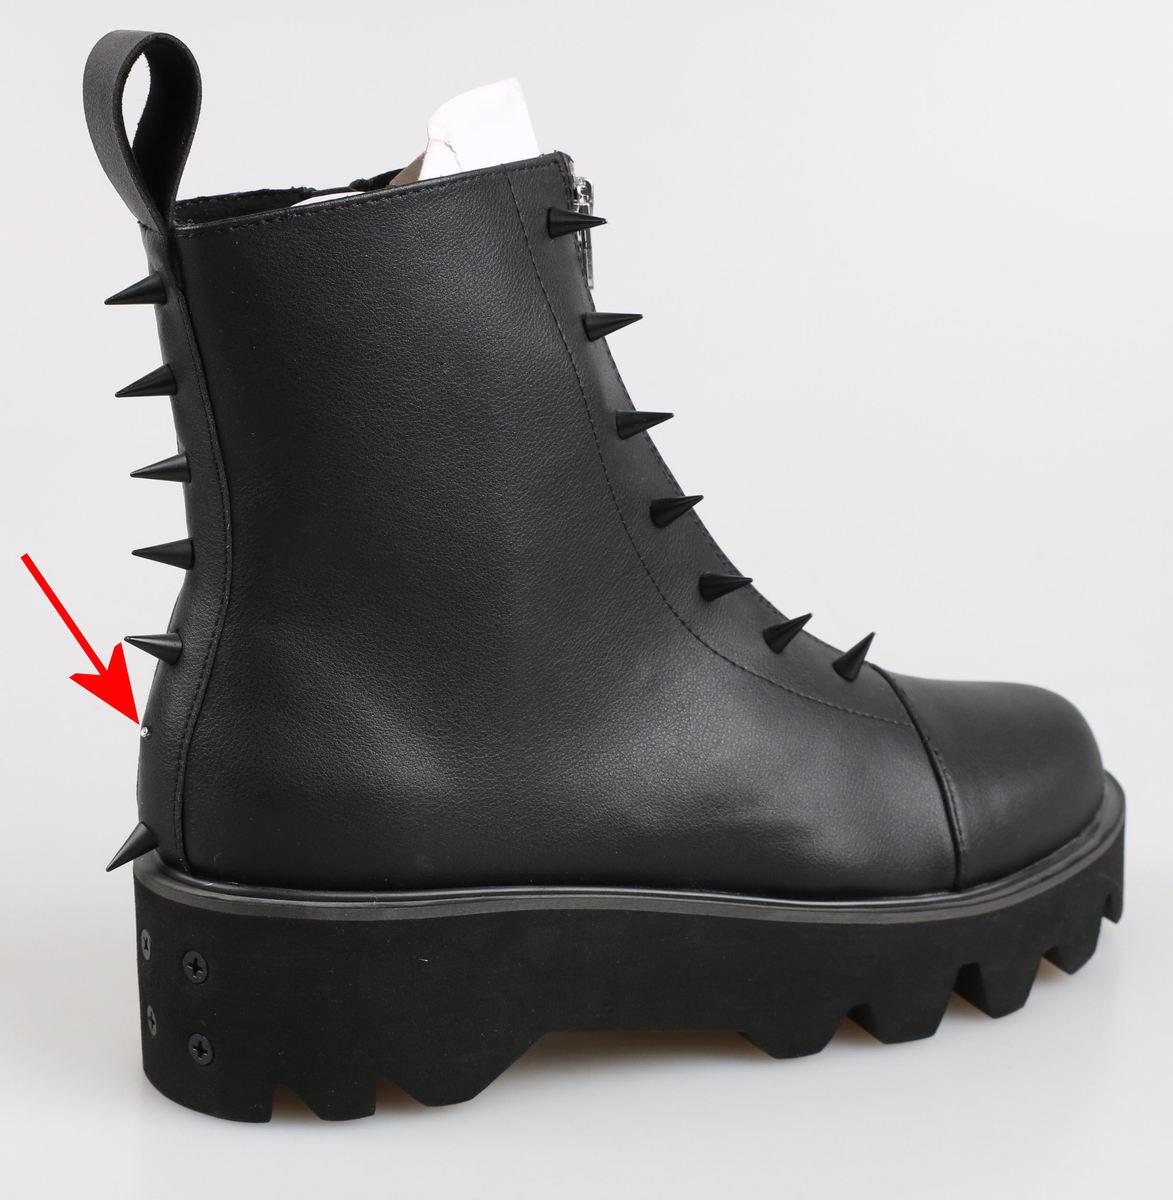 topánky DISTURBIA - SPIKE - POŠKODENÉ - MA145